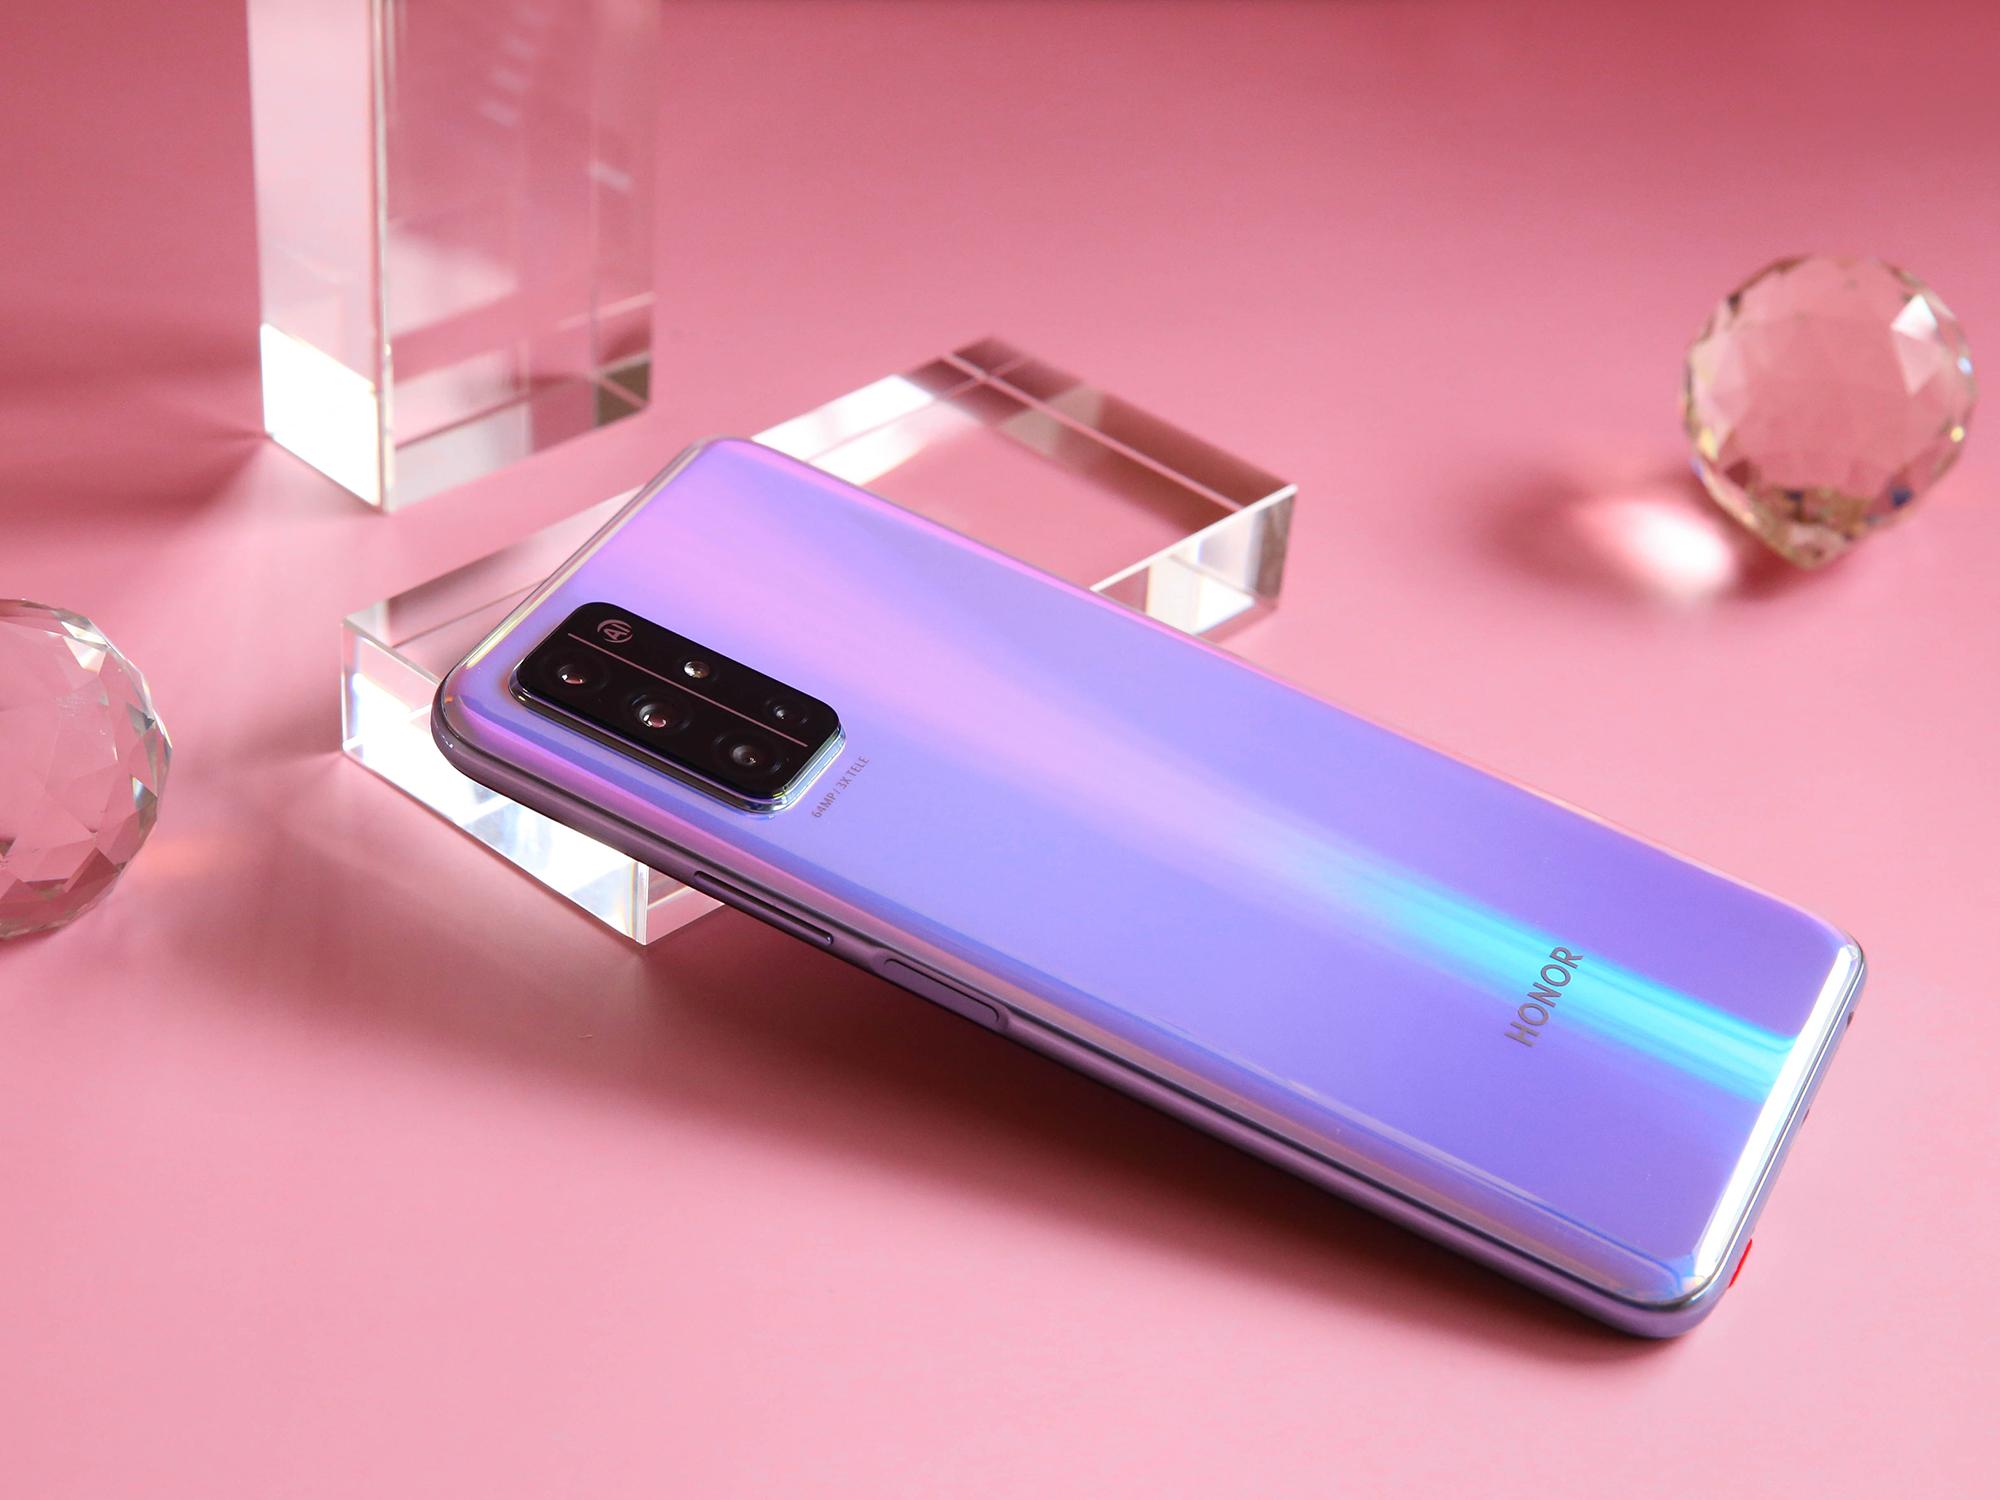 最便宜的麒麟820 5G手机已降至1699,搭载6400万四摄、40W快充